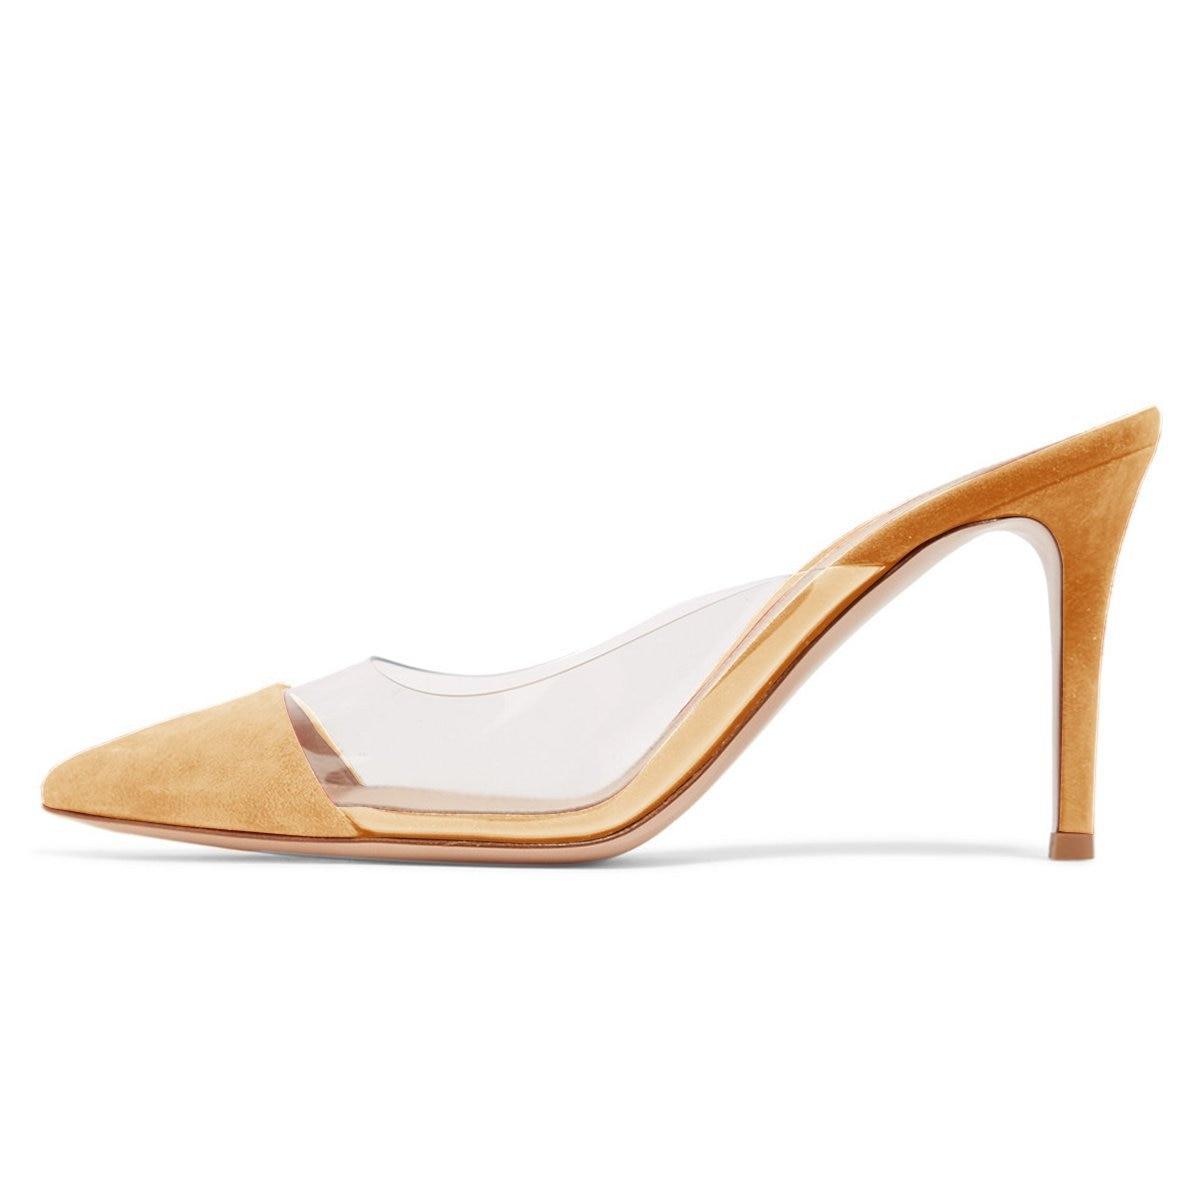 Nouveautés 2019 noir rouge daim bout pointu PVC pompe chaussures femmes découpées talons hauts Mules diapositives femme personnalisé